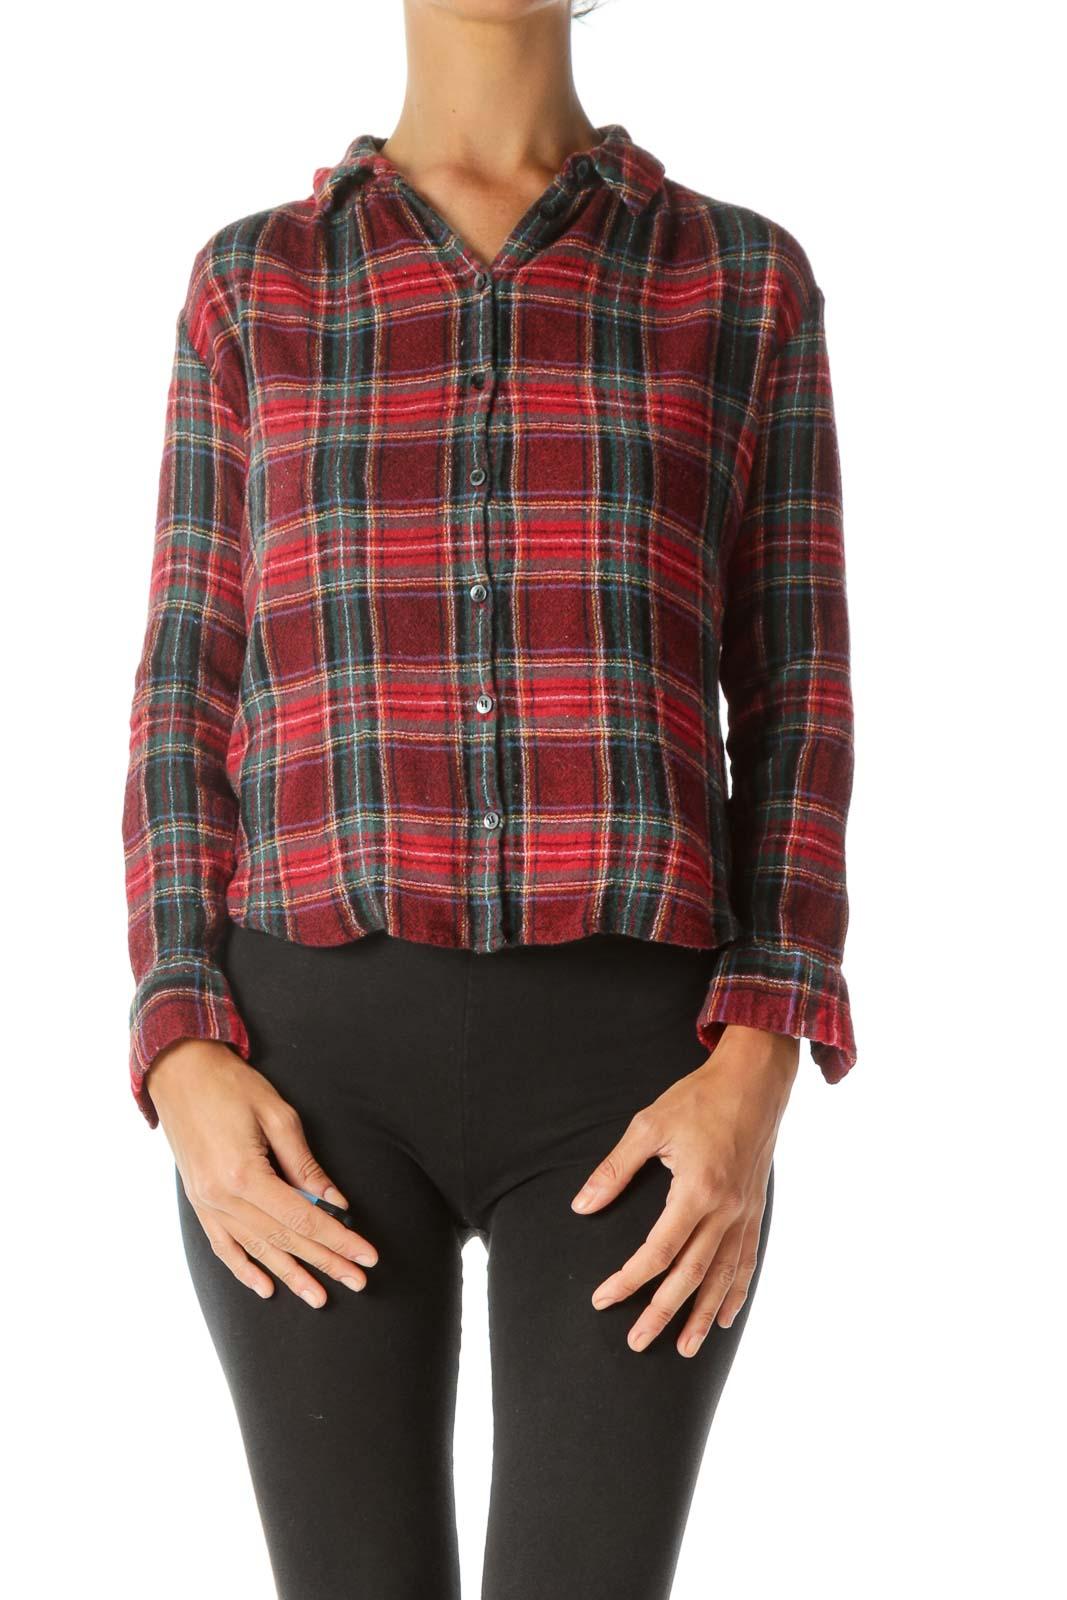 Red & Green Tartan Plaid Button-Down Shirt